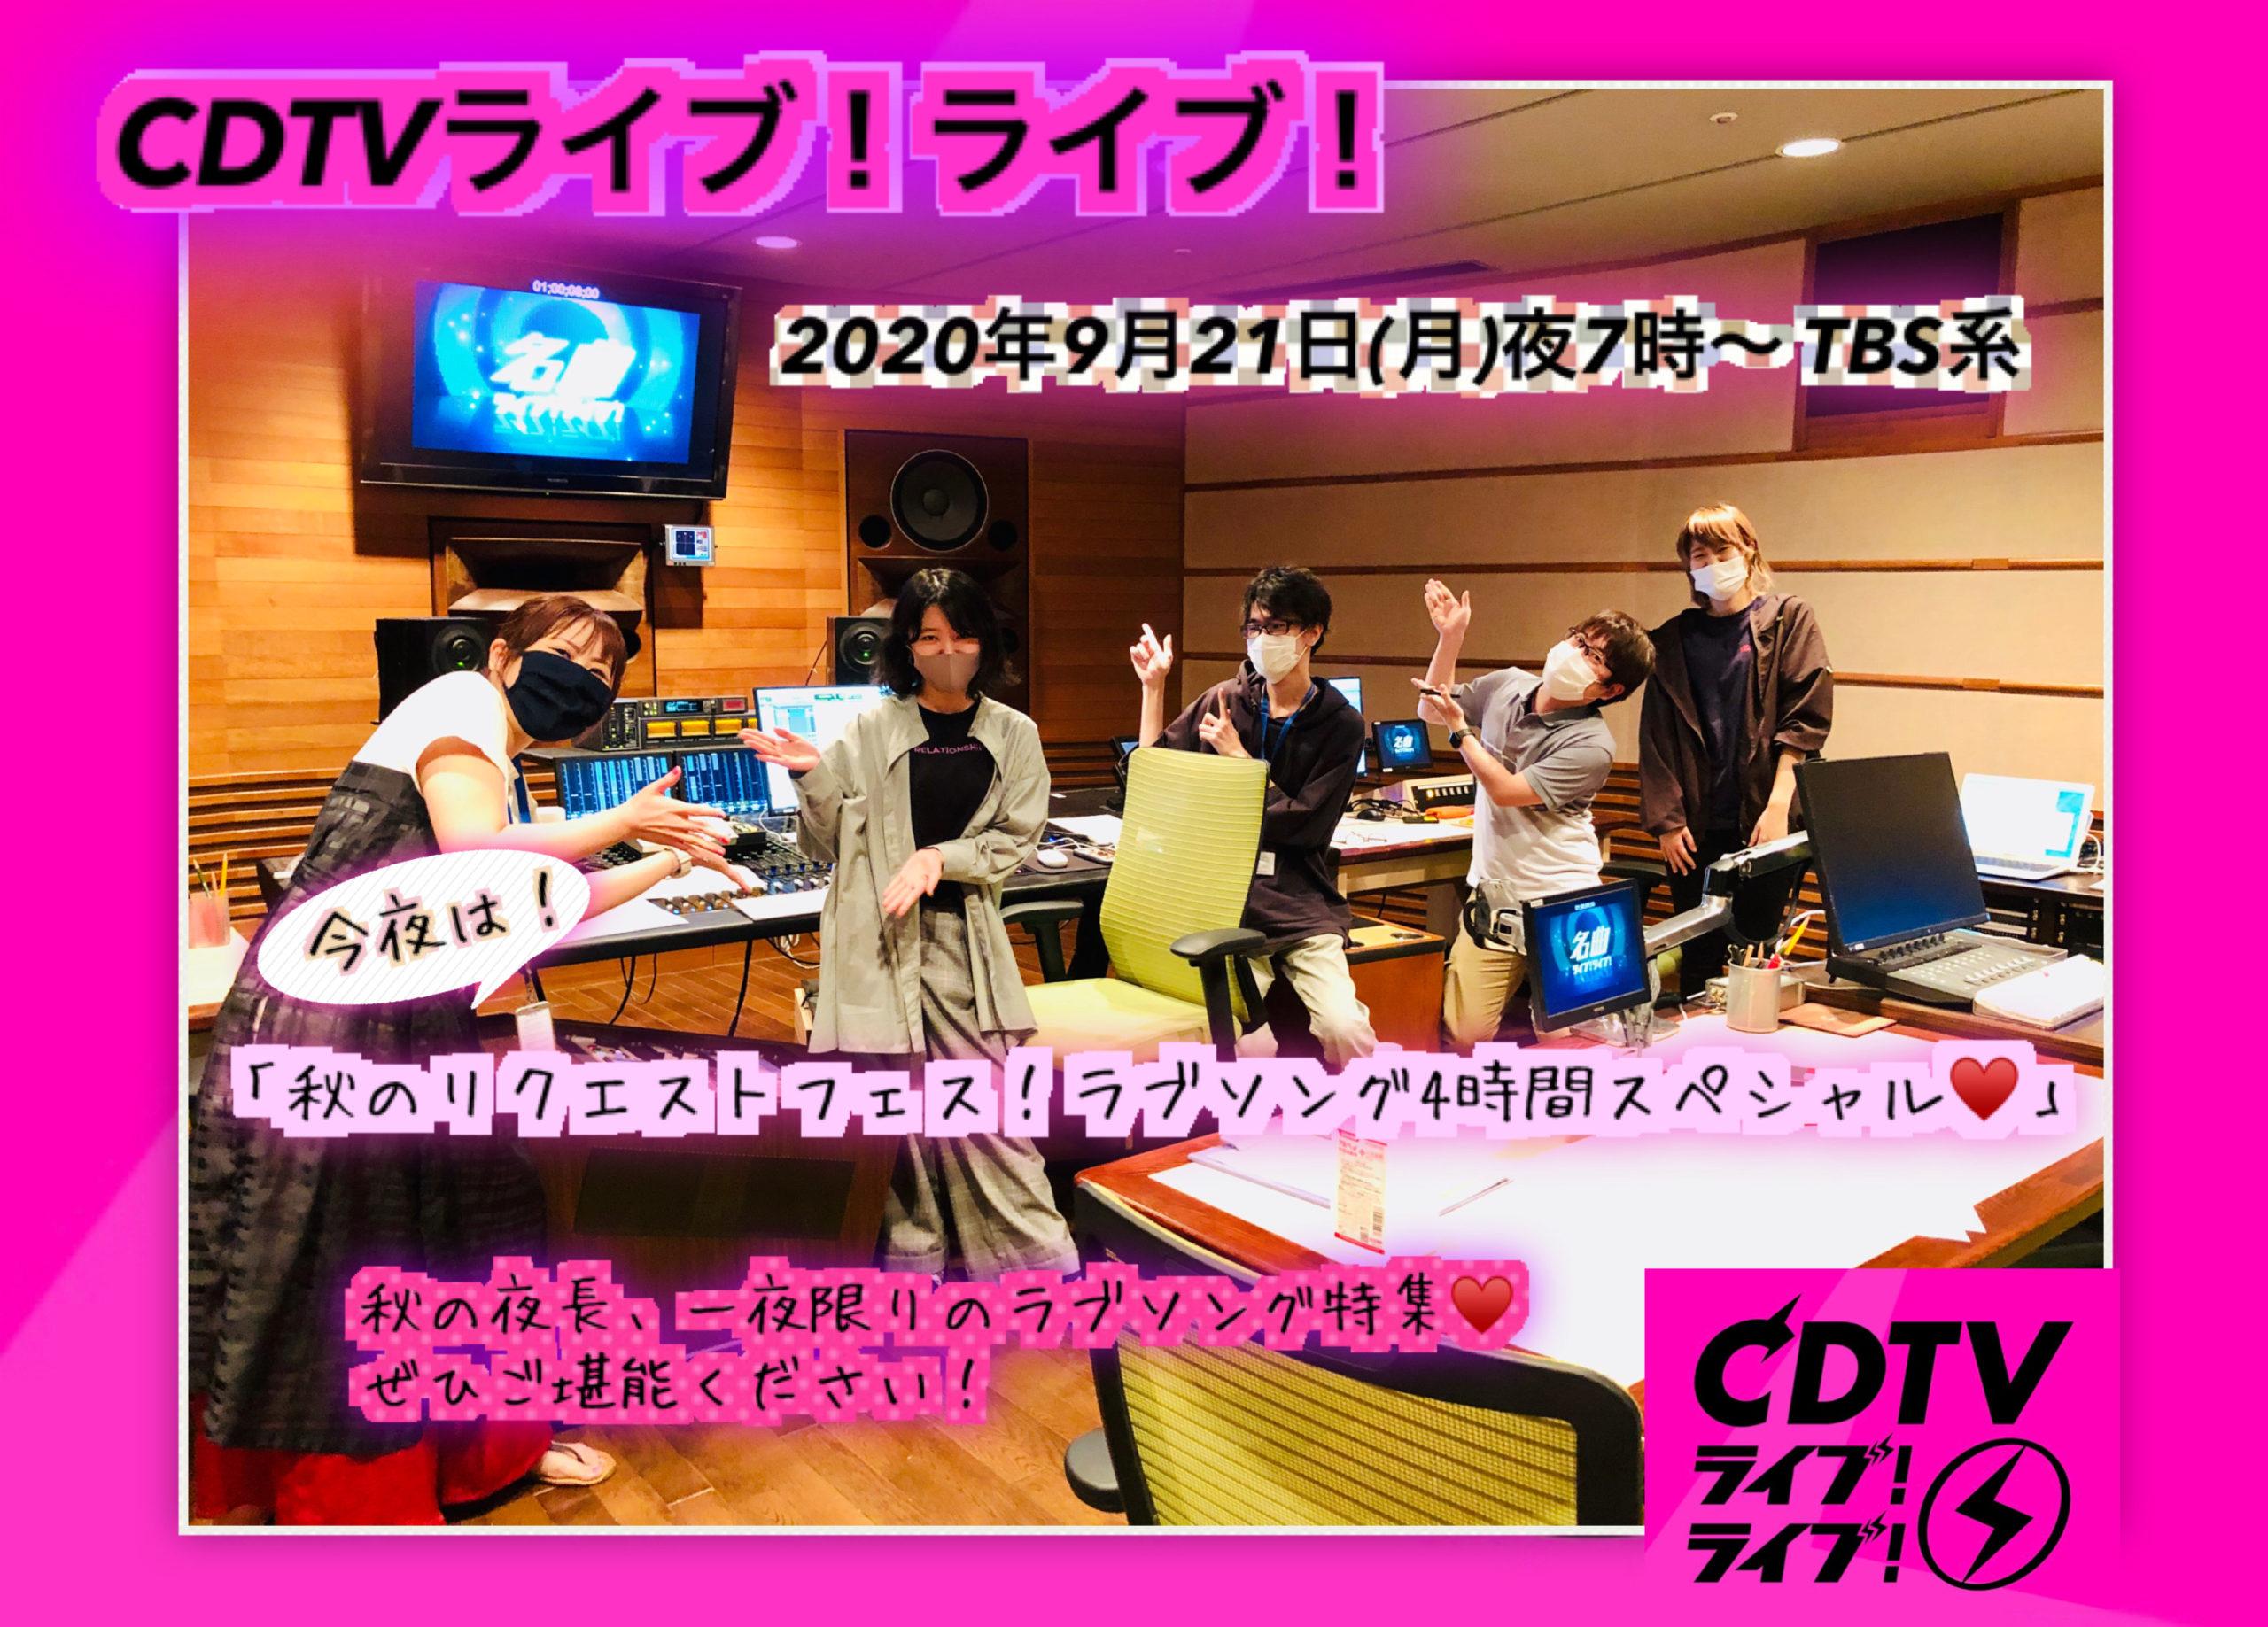 Cdtv ライブ ライブ ナレーション